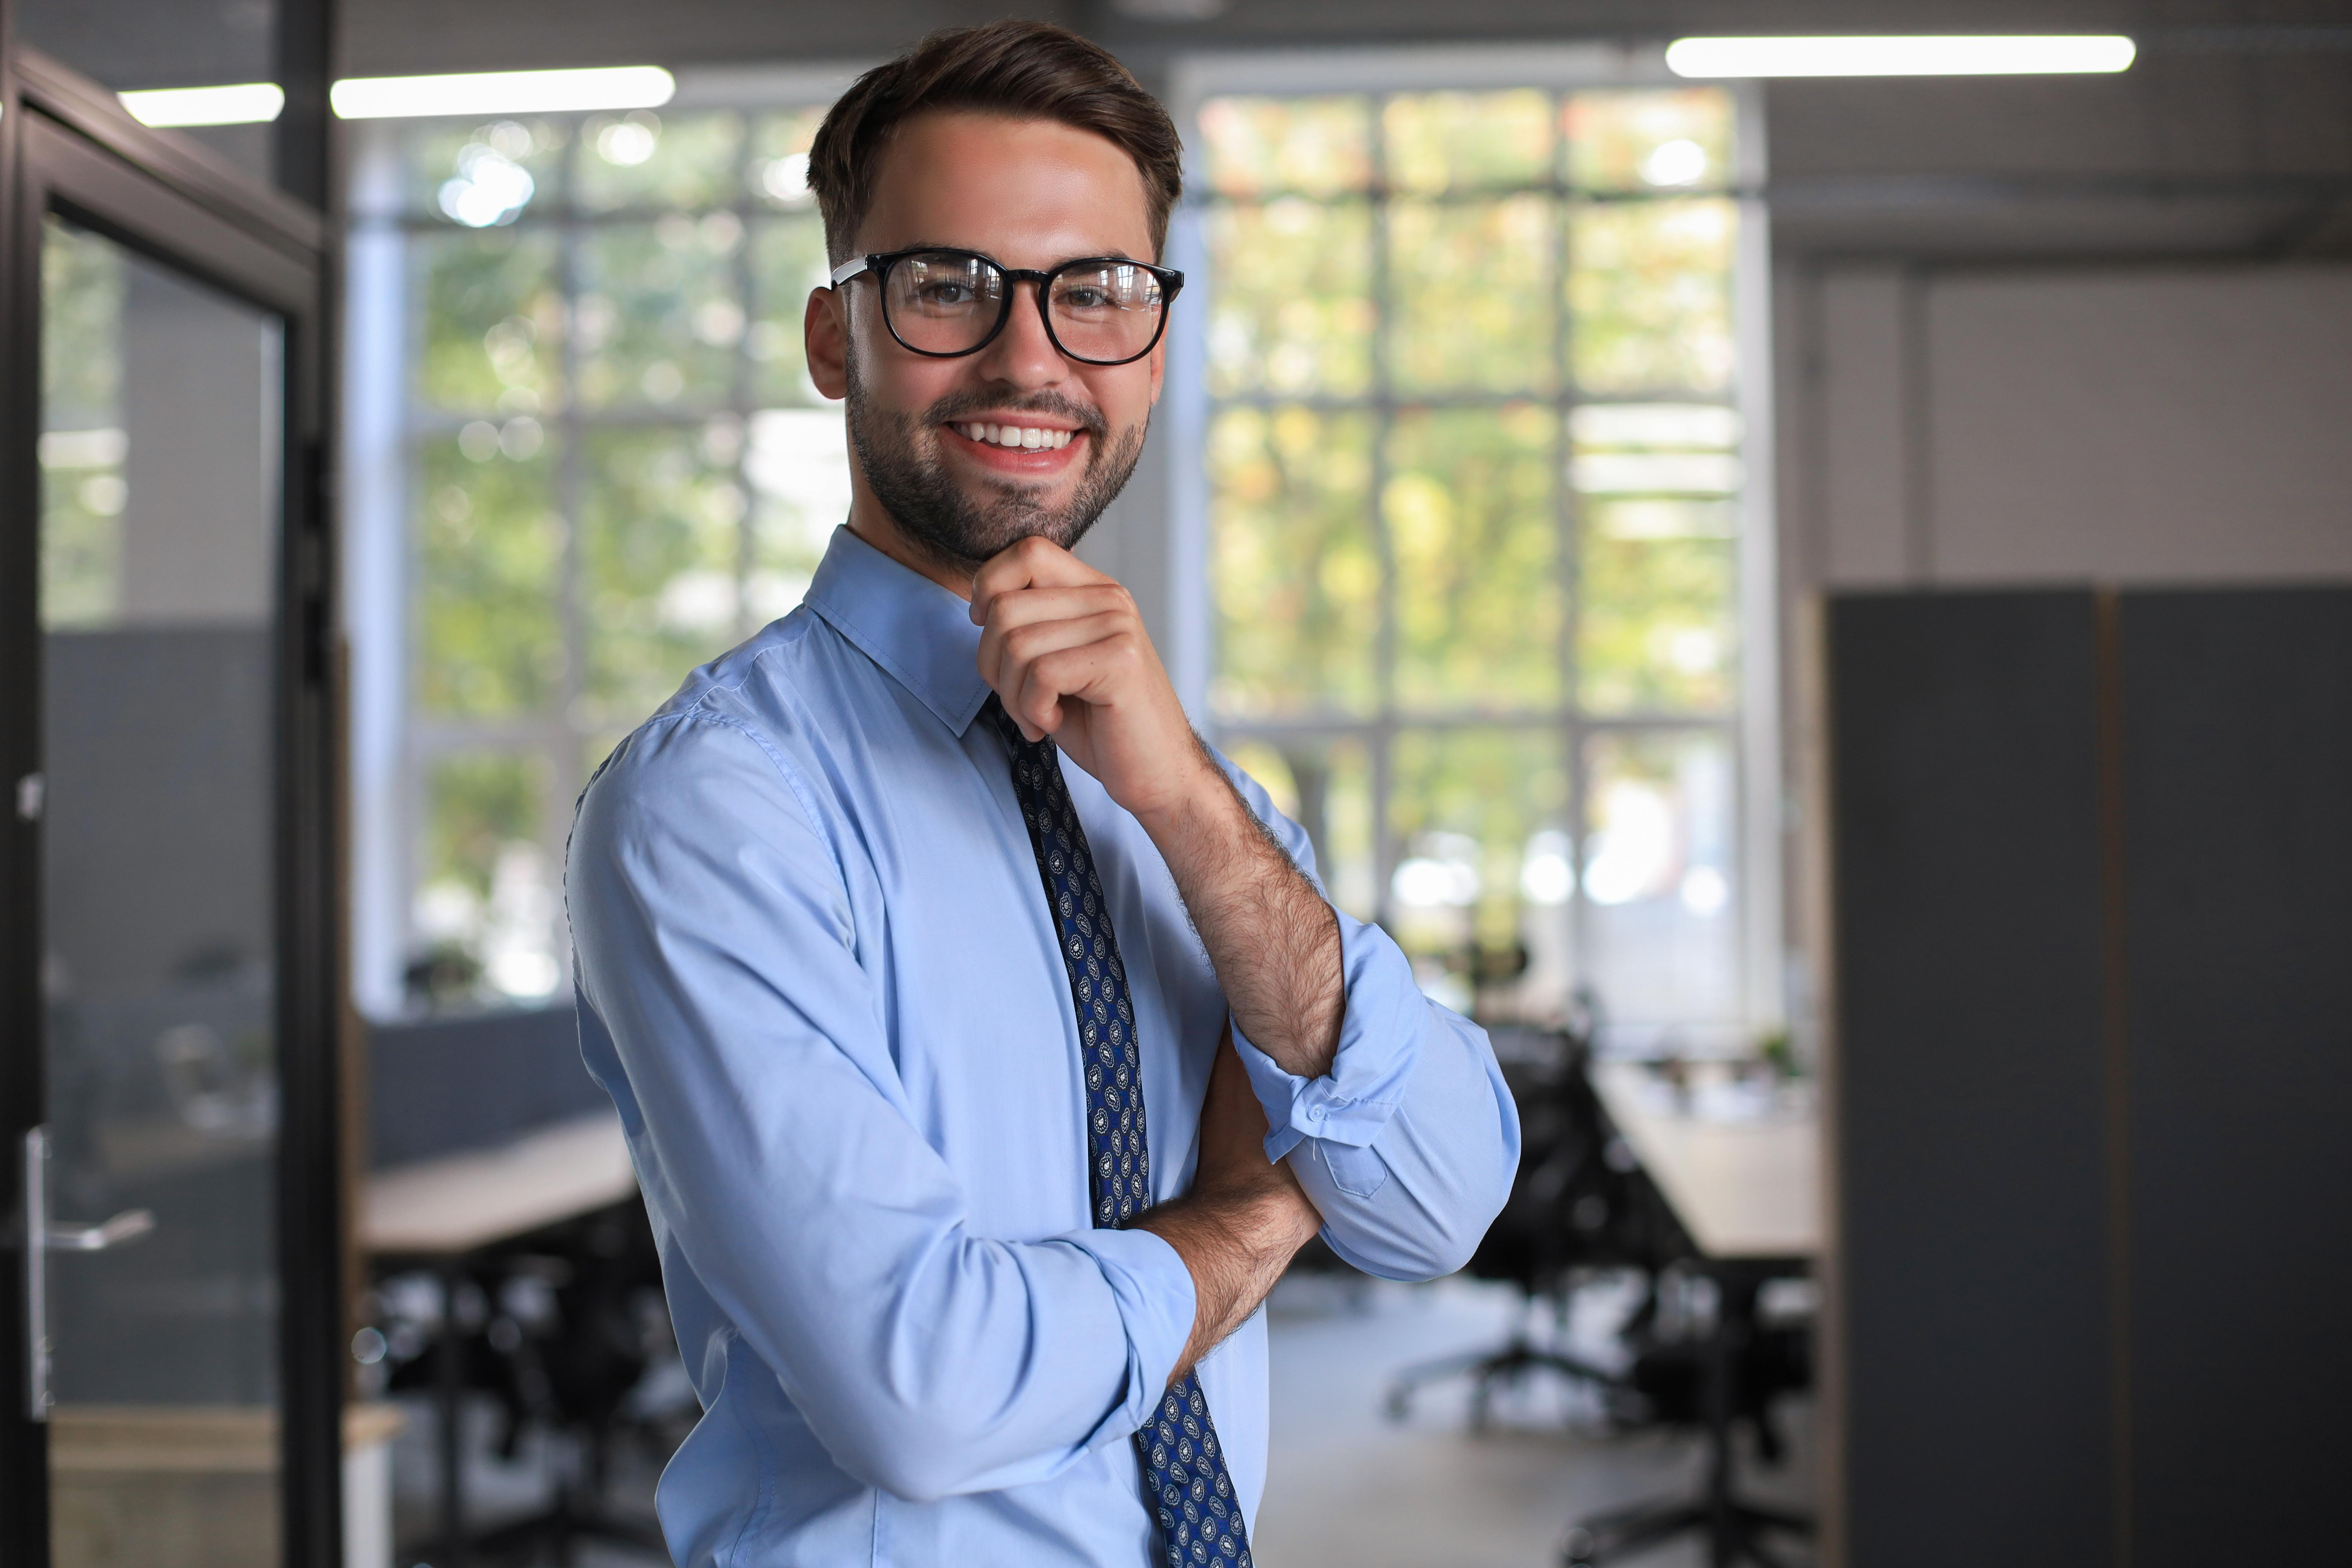 Бизнесмен, который может открыть бизнес и получить ПМЖ Испании